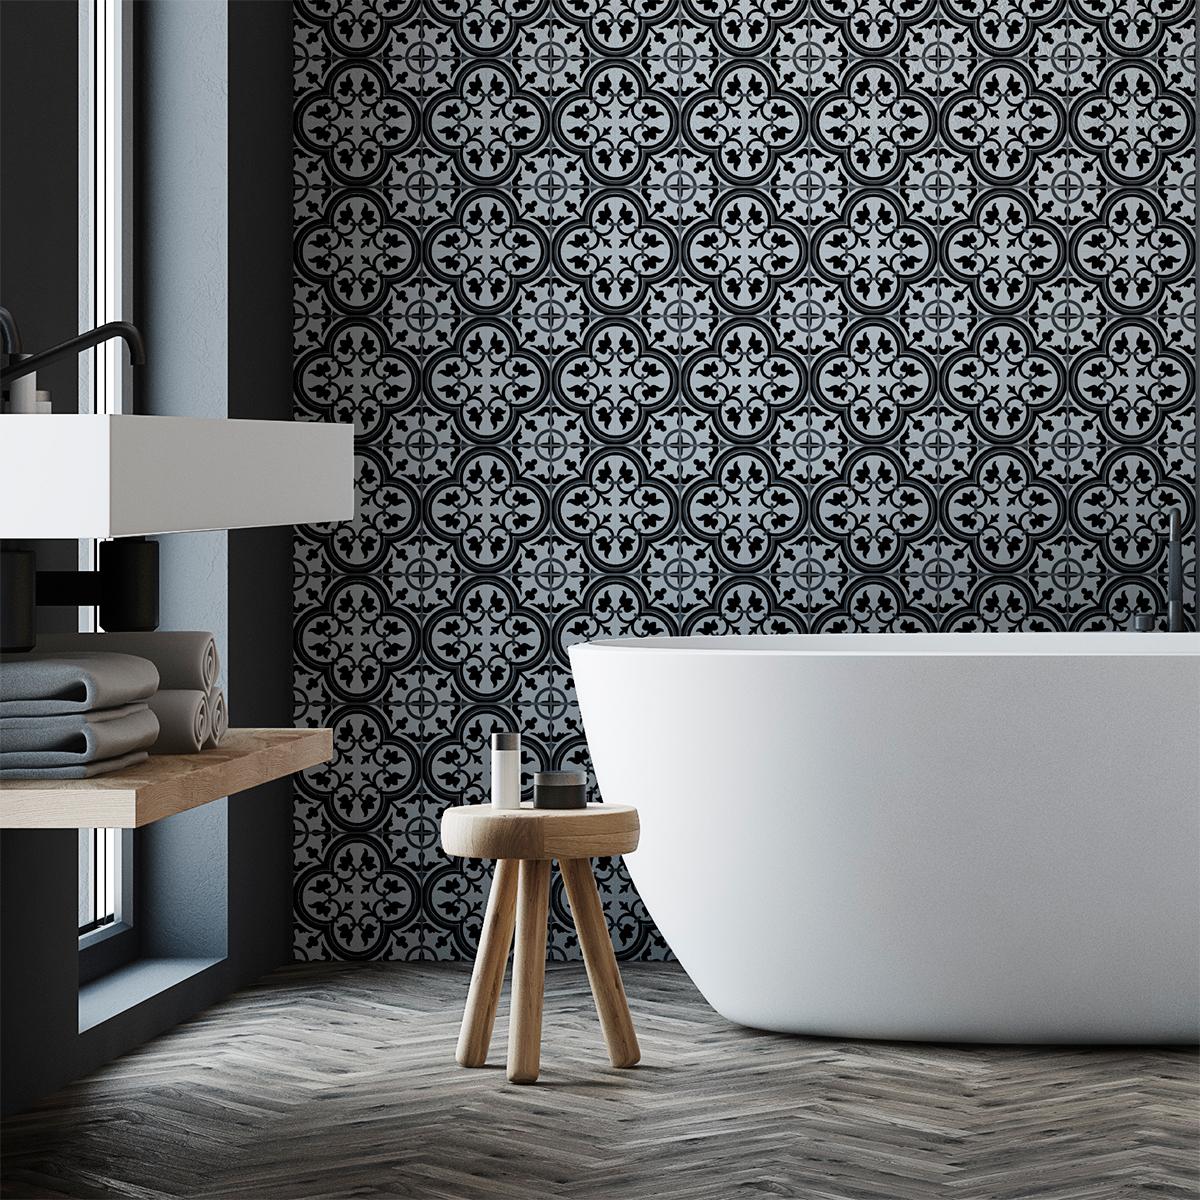 24 stickers carreaux de ciment azulejos gisela cuisine. Black Bedroom Furniture Sets. Home Design Ideas